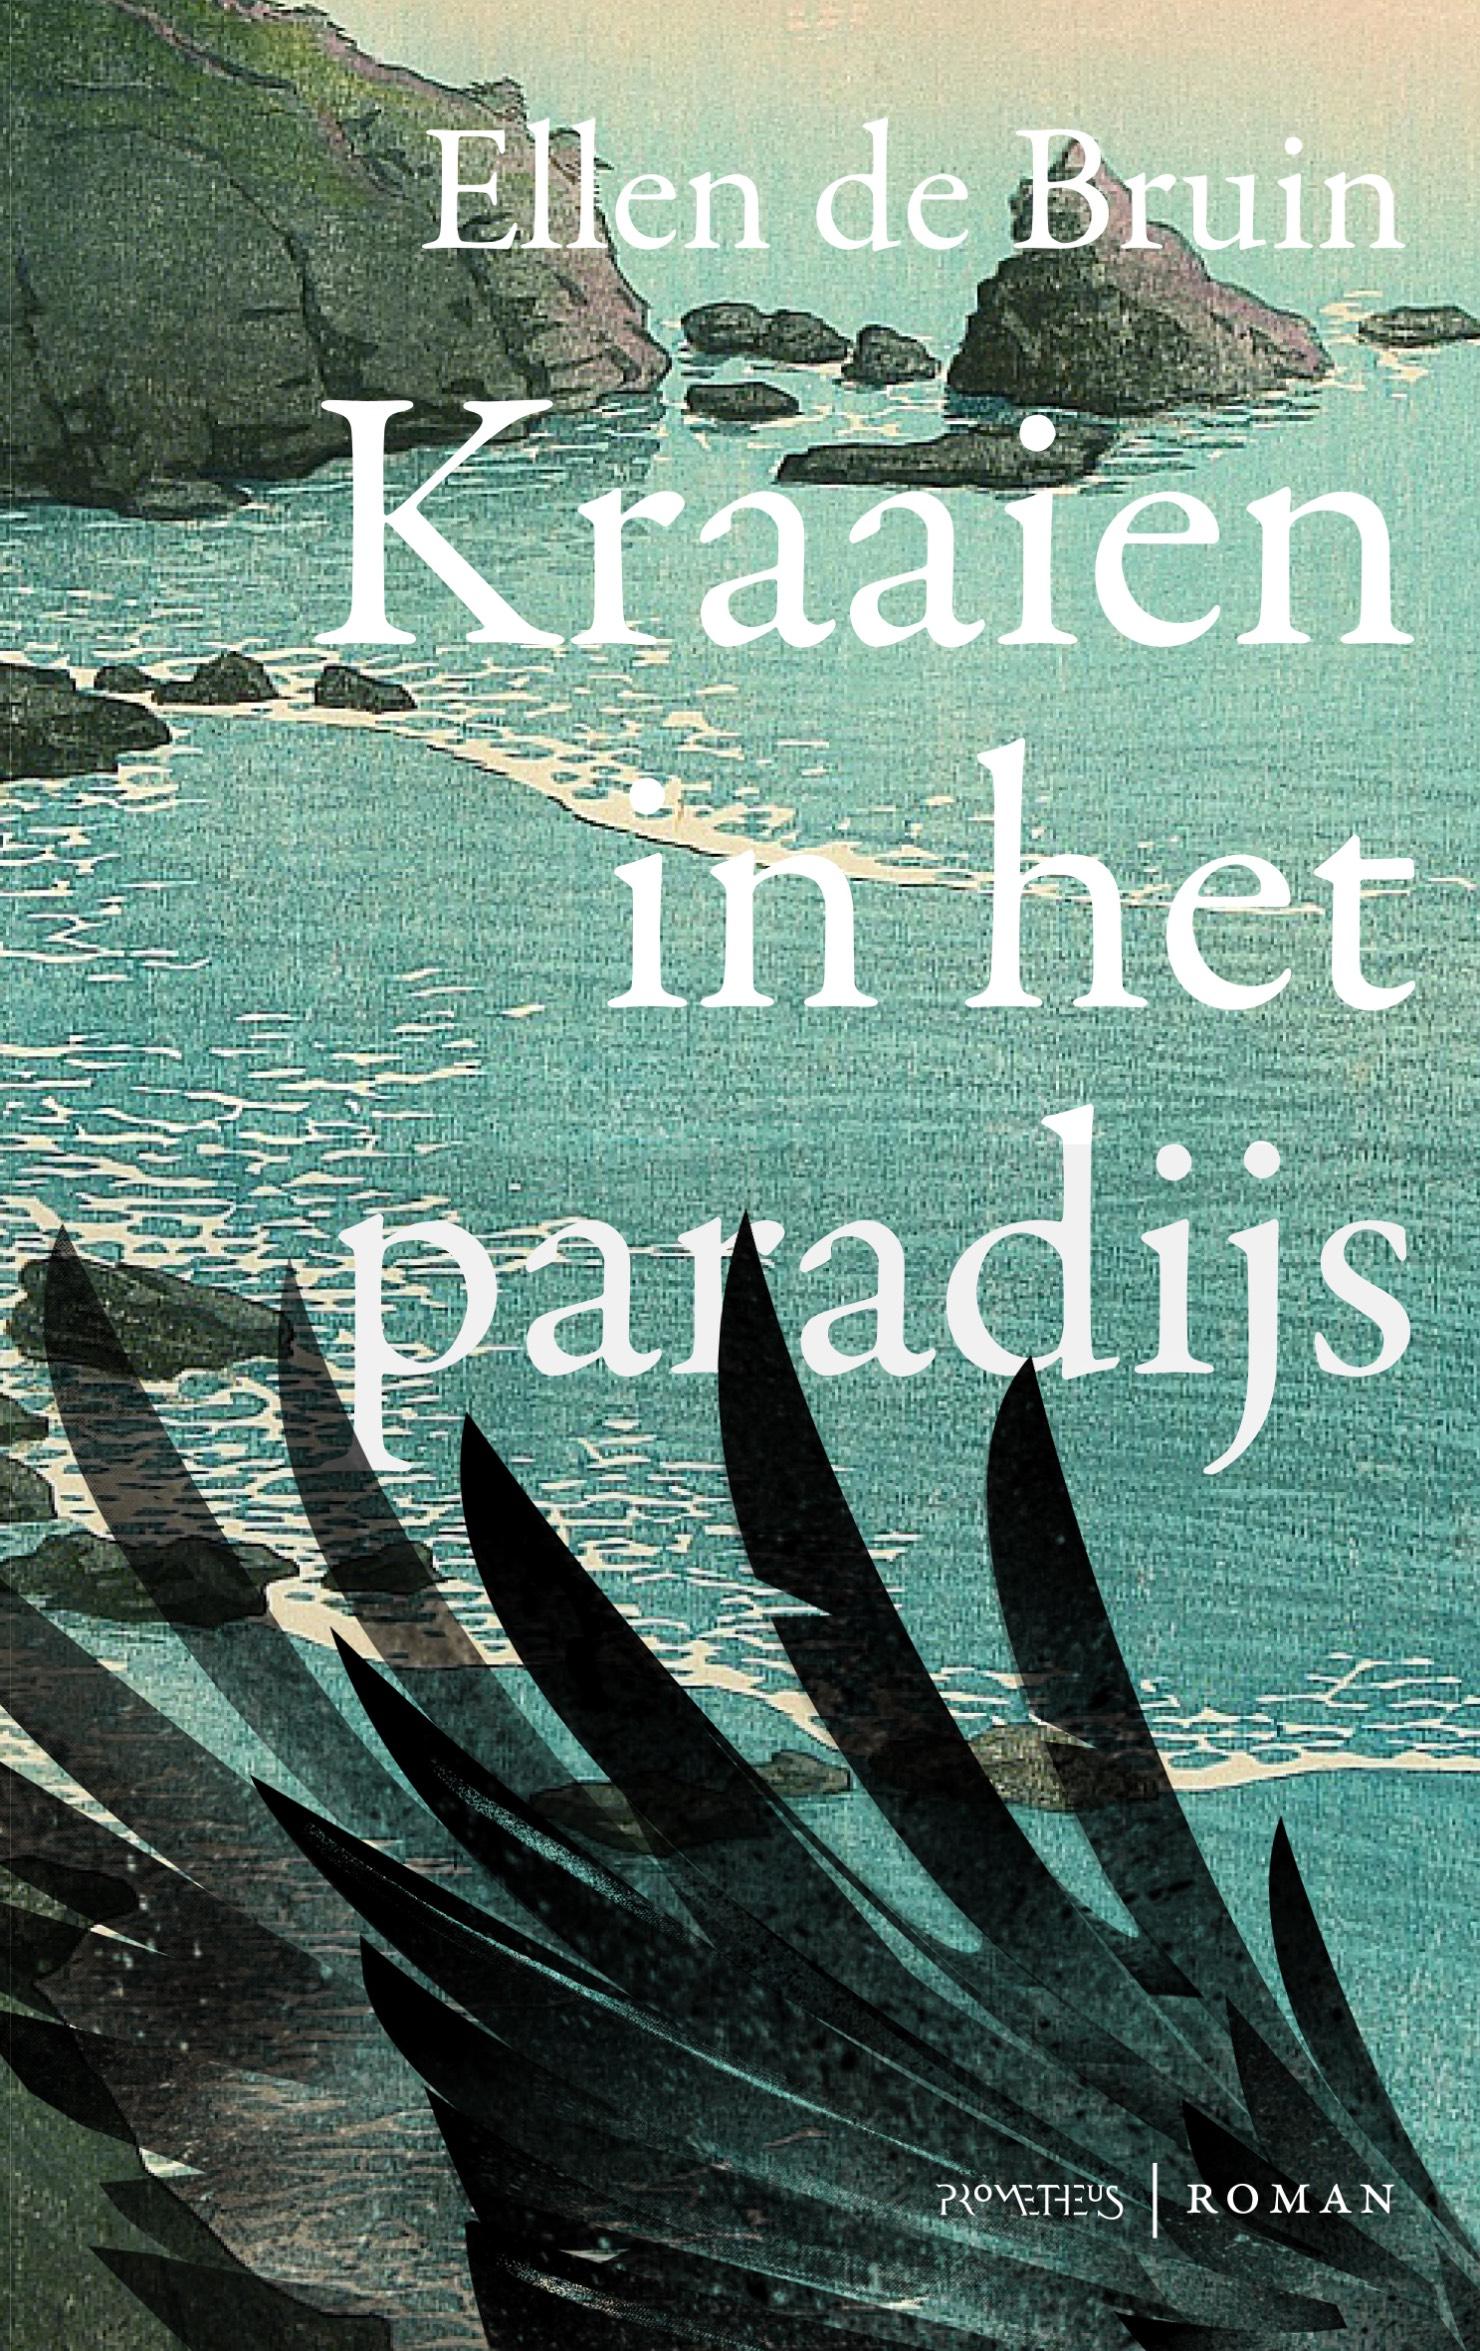 Kraaien in het paradijs - boekenflits